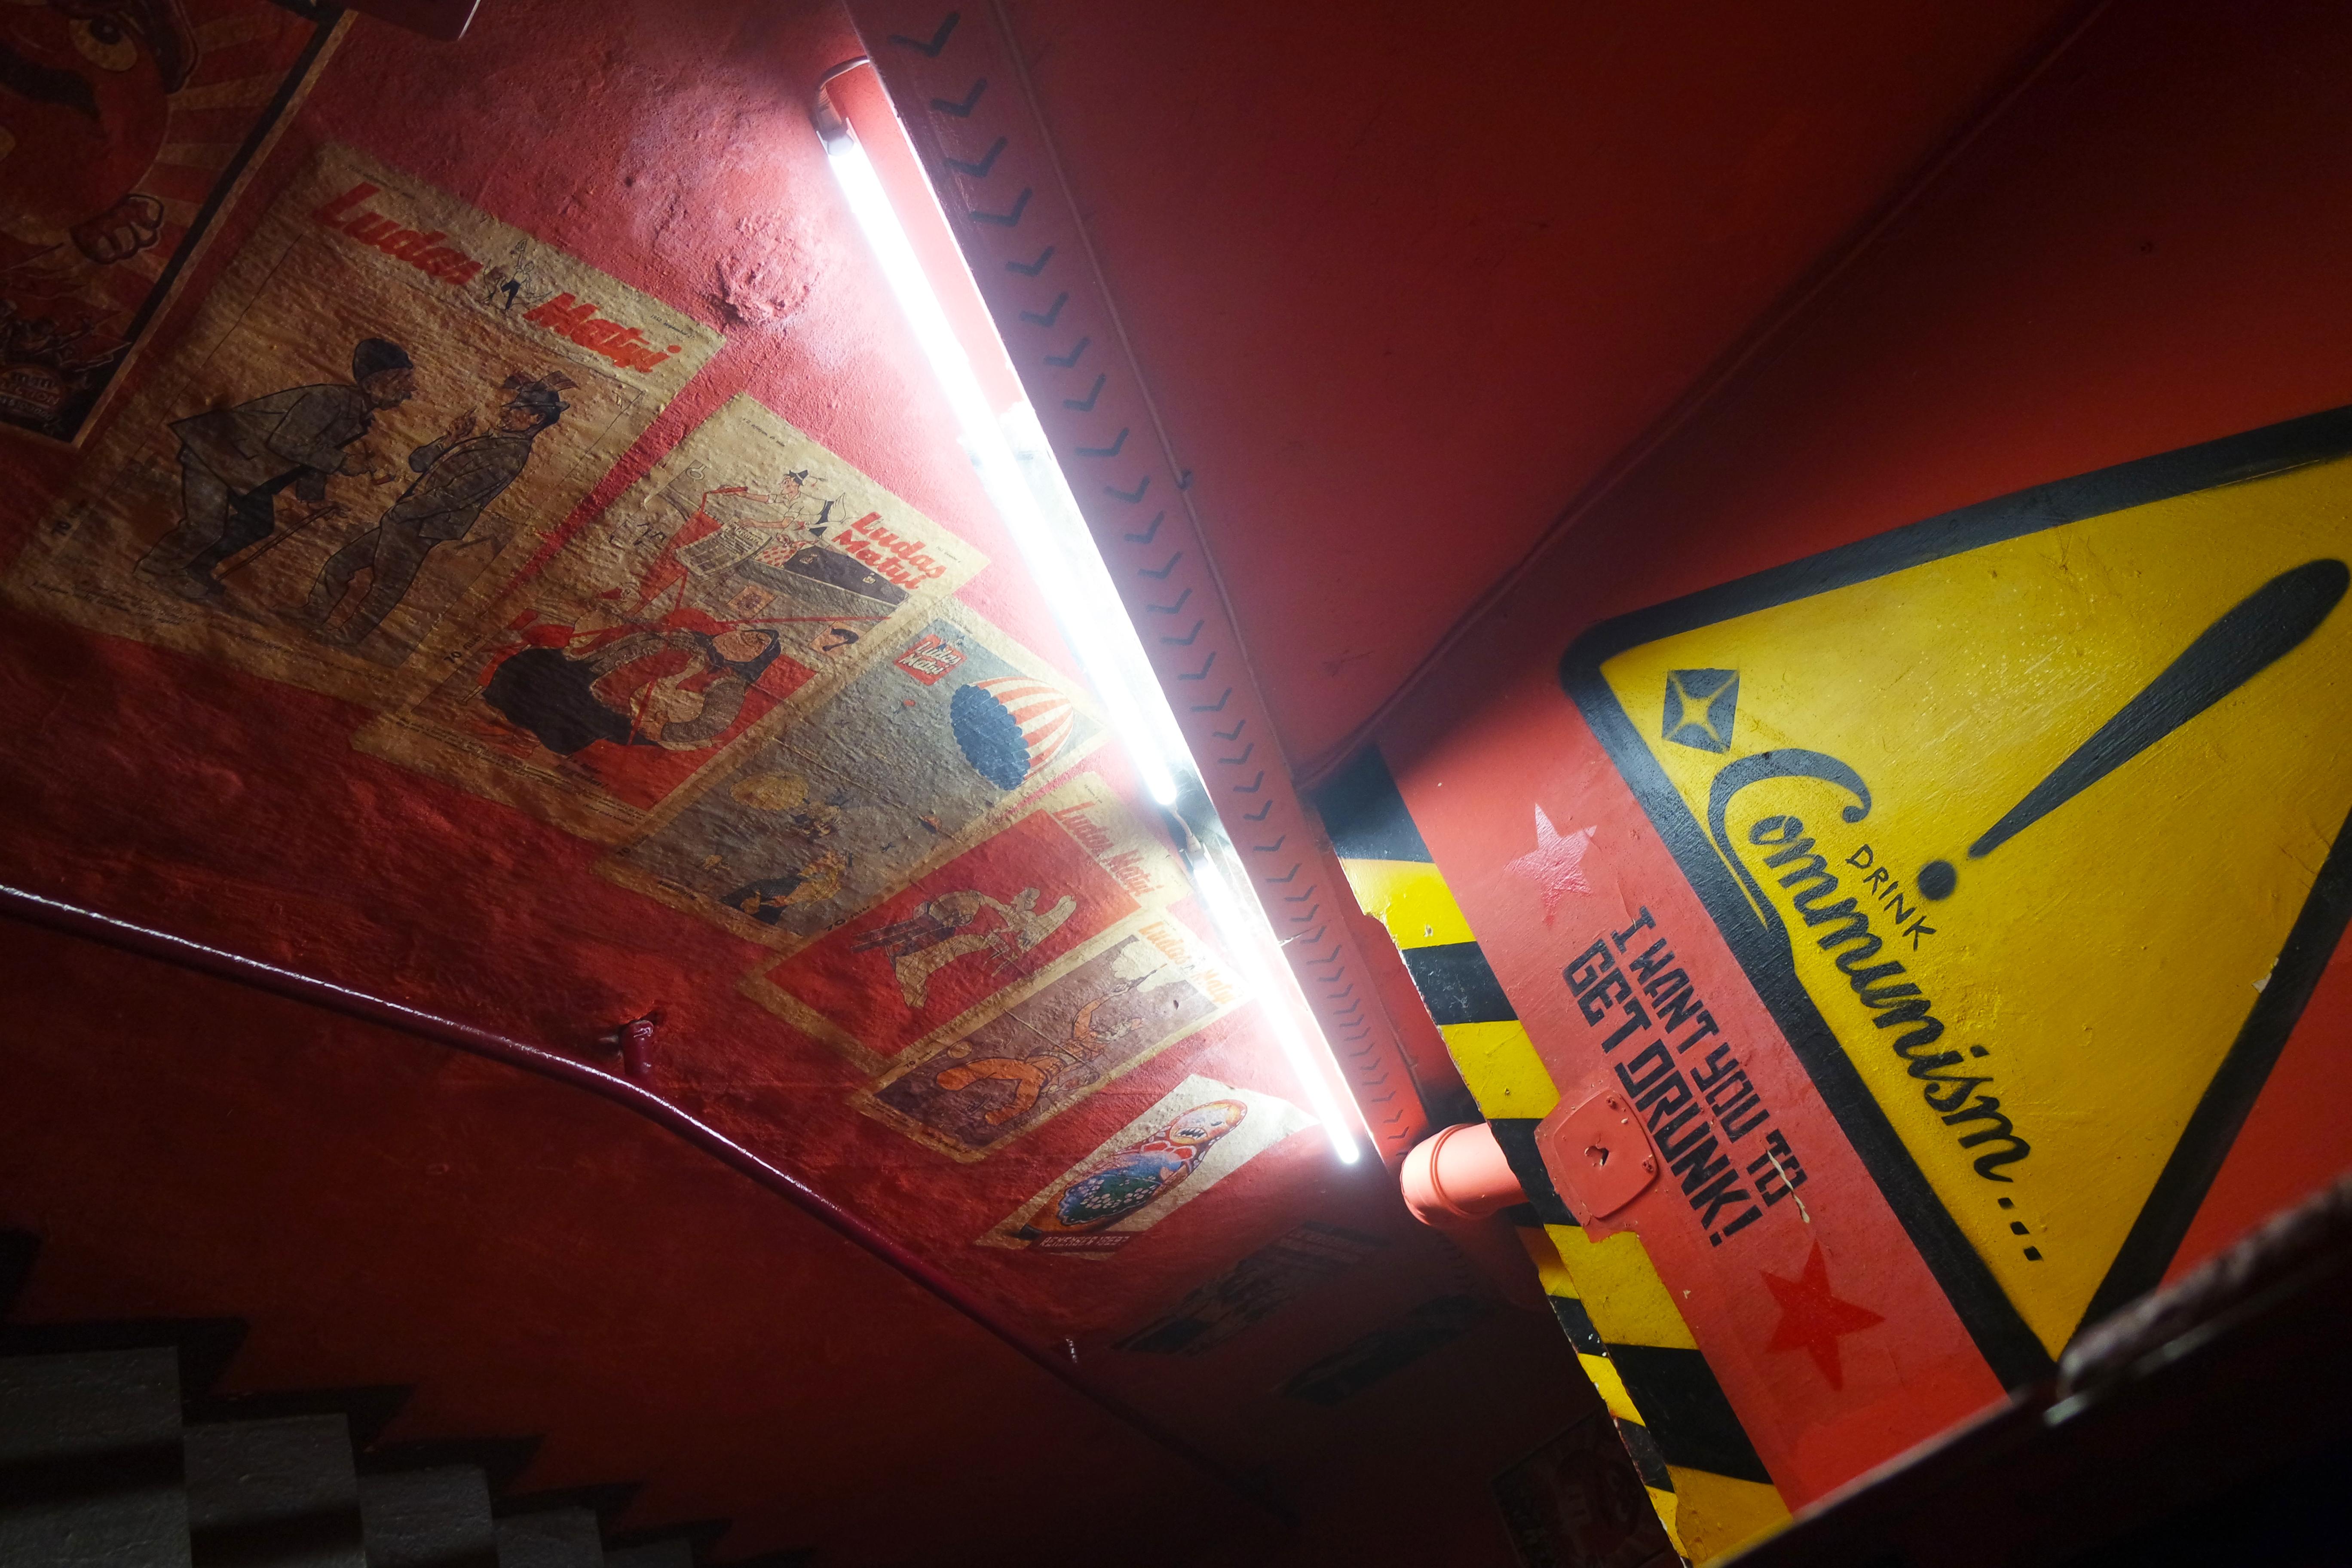 red-ruin-pub-budapest